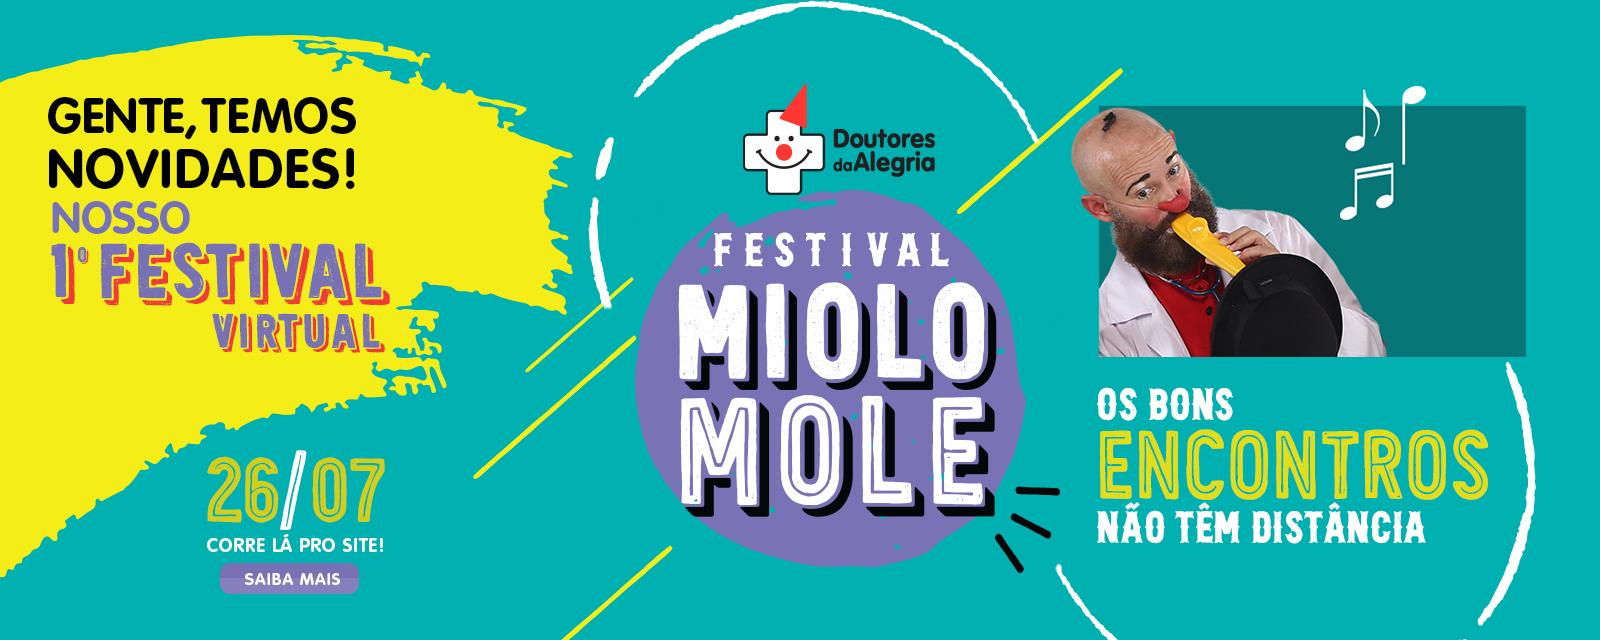 Festival Miolo Mole: confira a programação completa